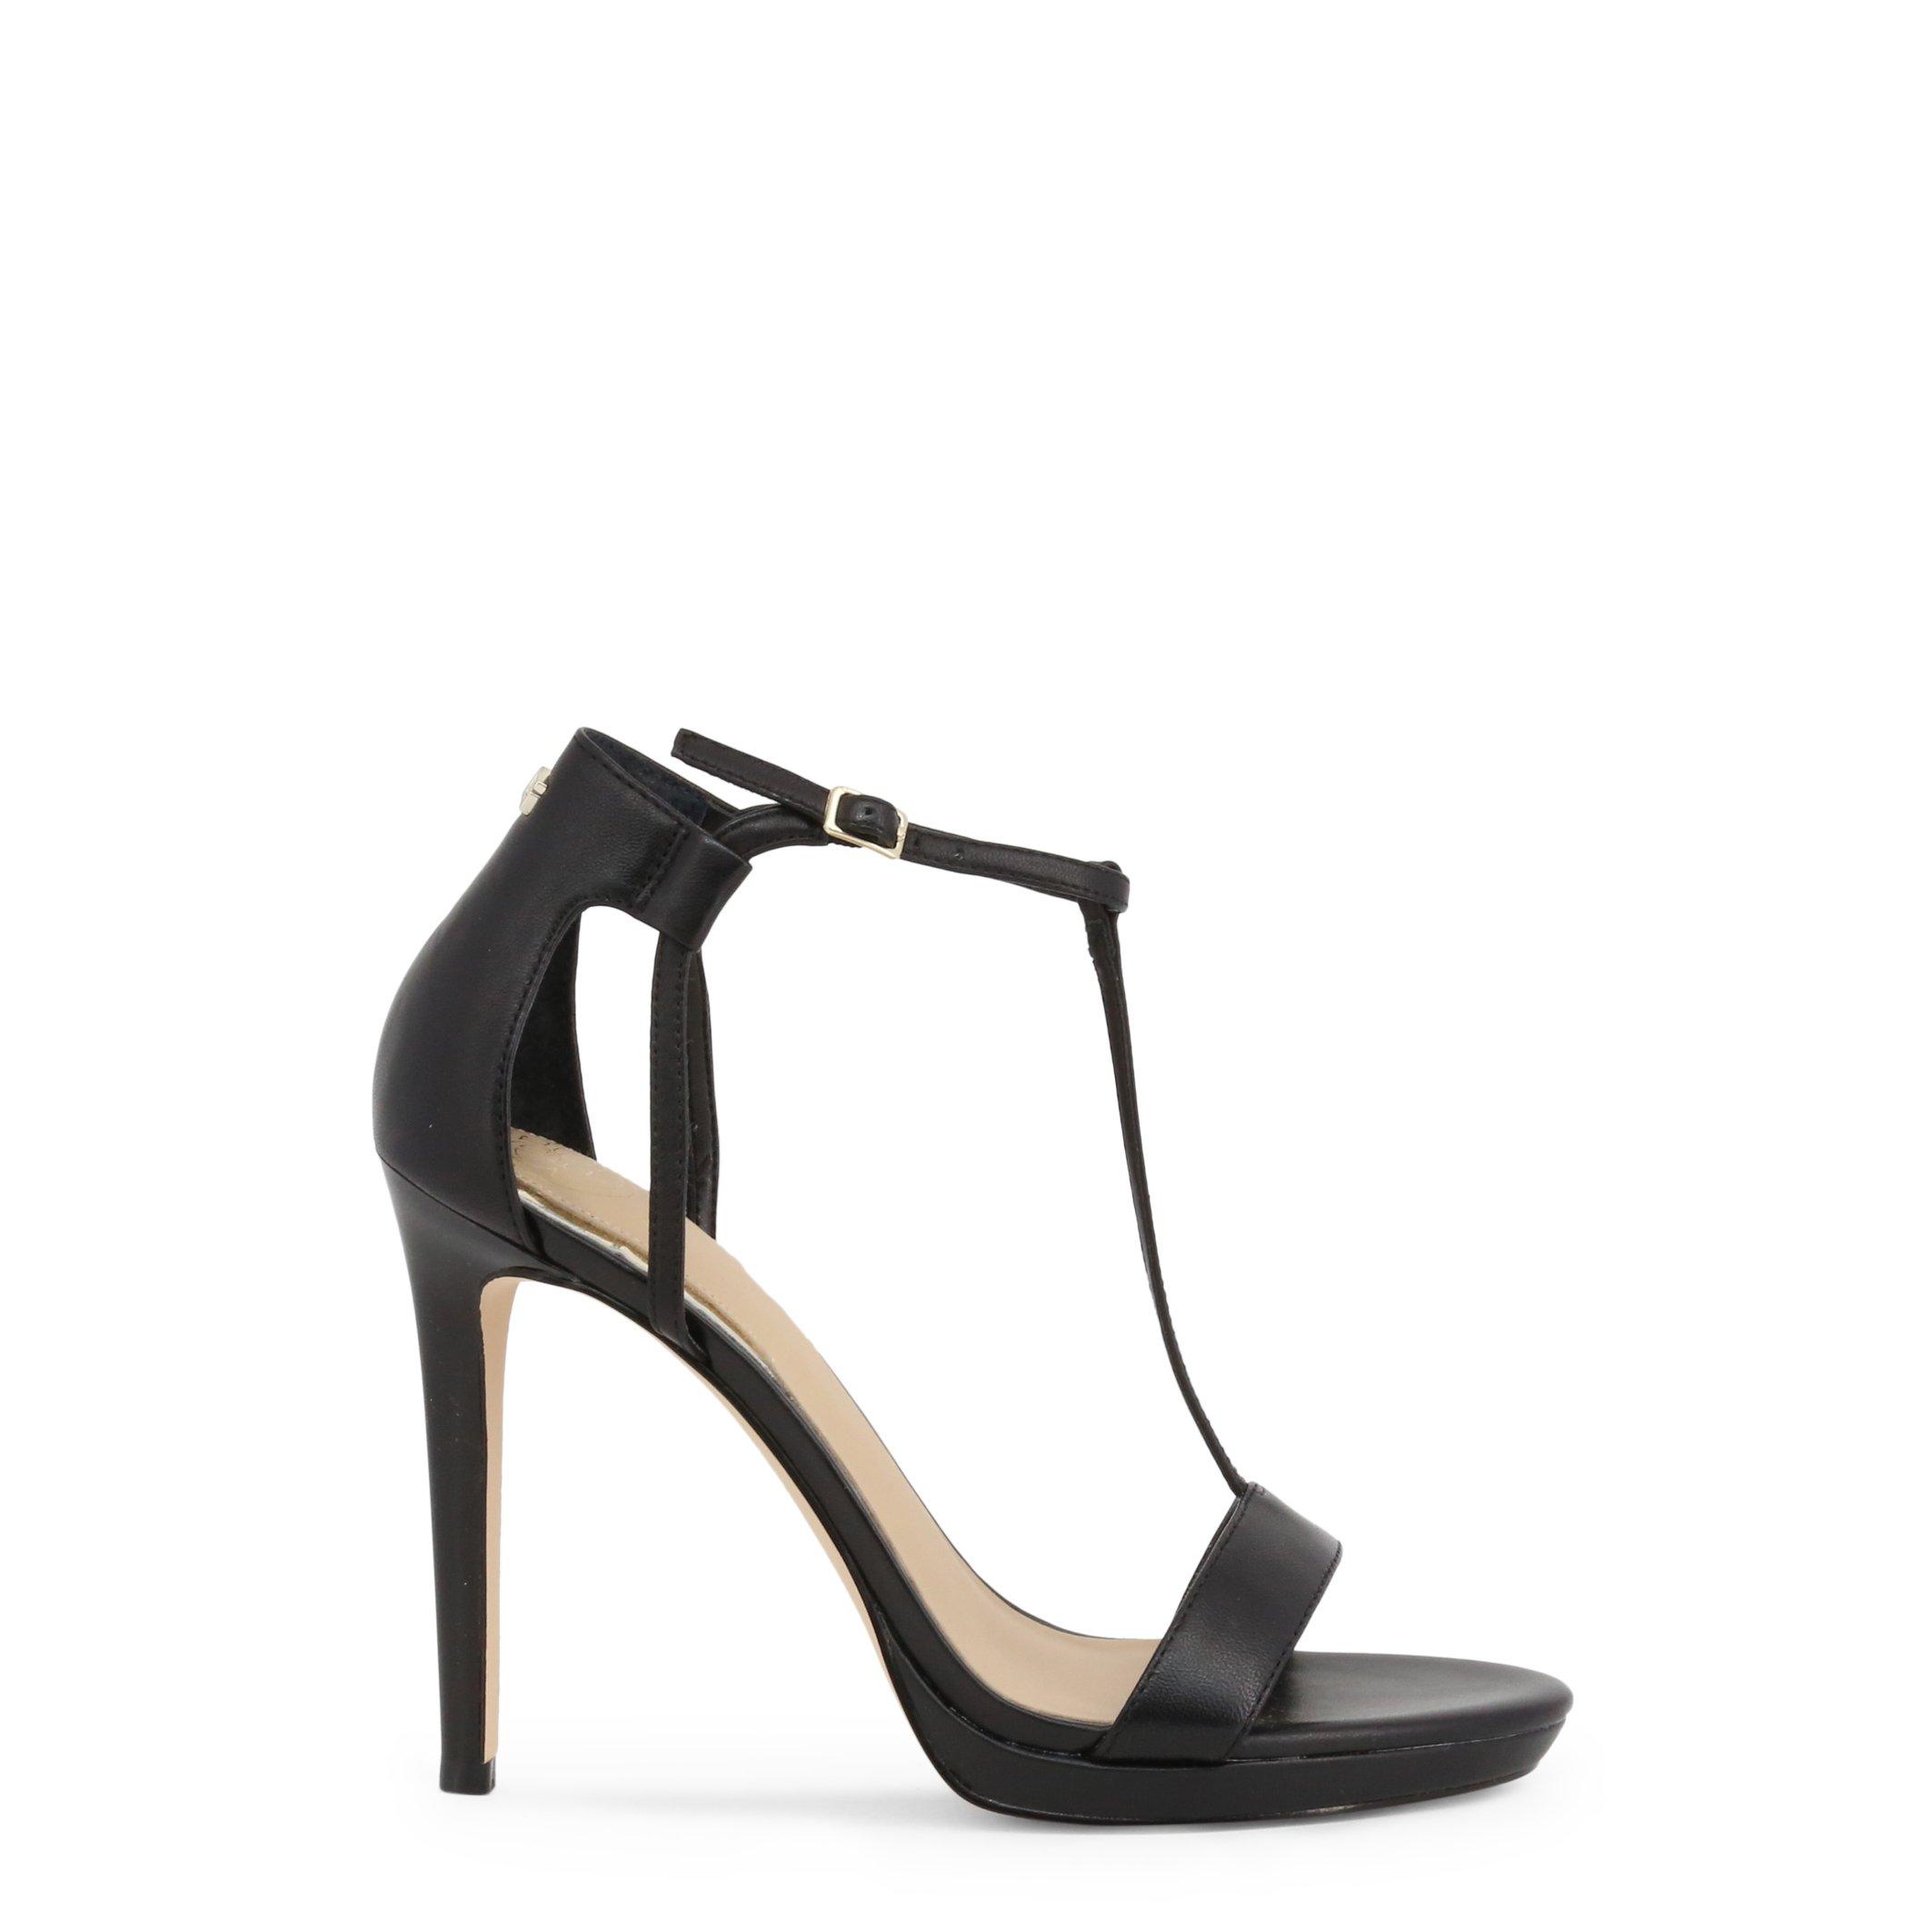 Guess Women's Sandals Various Colours FL6TEU_LEA03_TECRU - black 36 EU